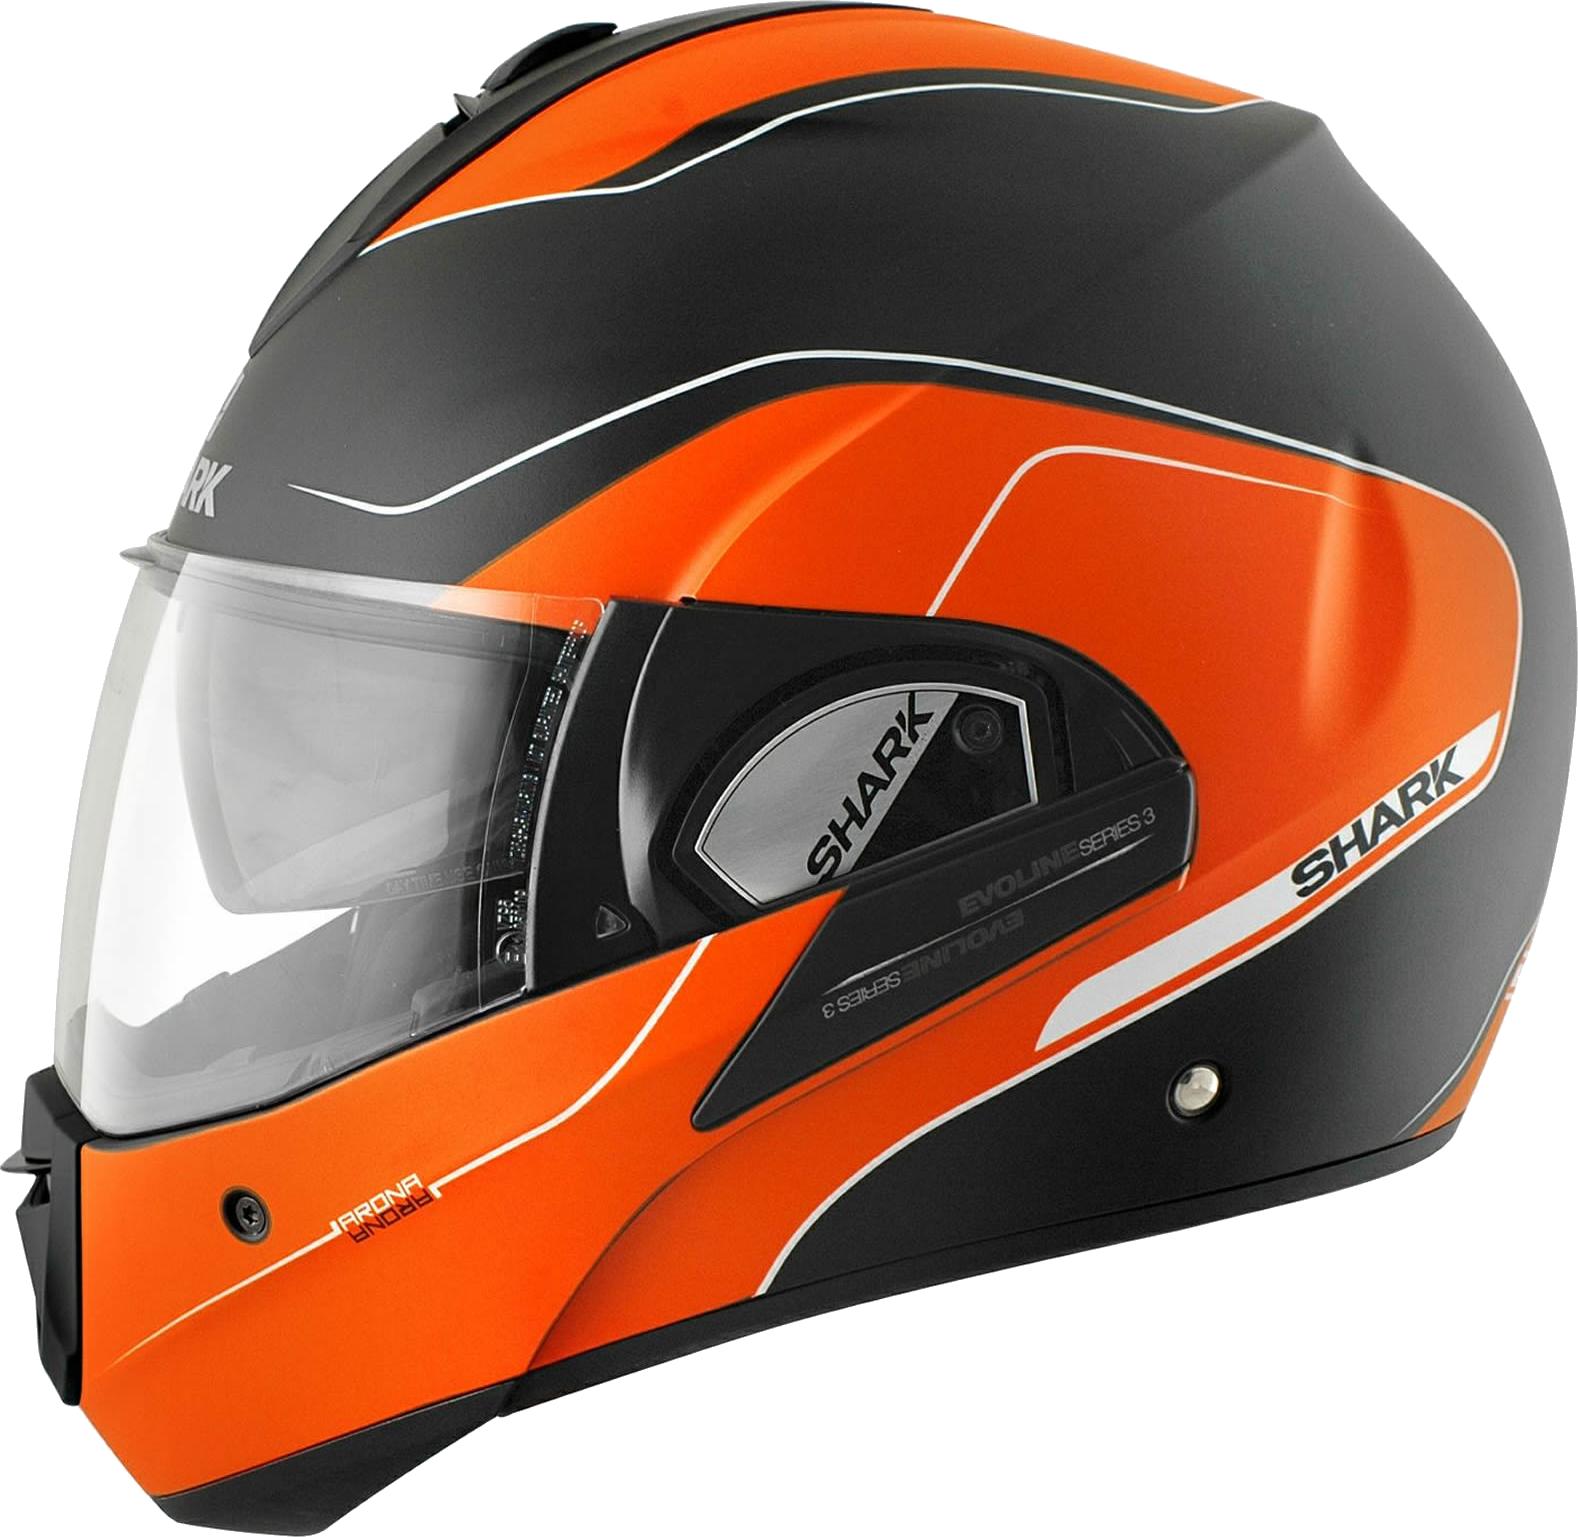 Motorcycle Helmet PNG Image.